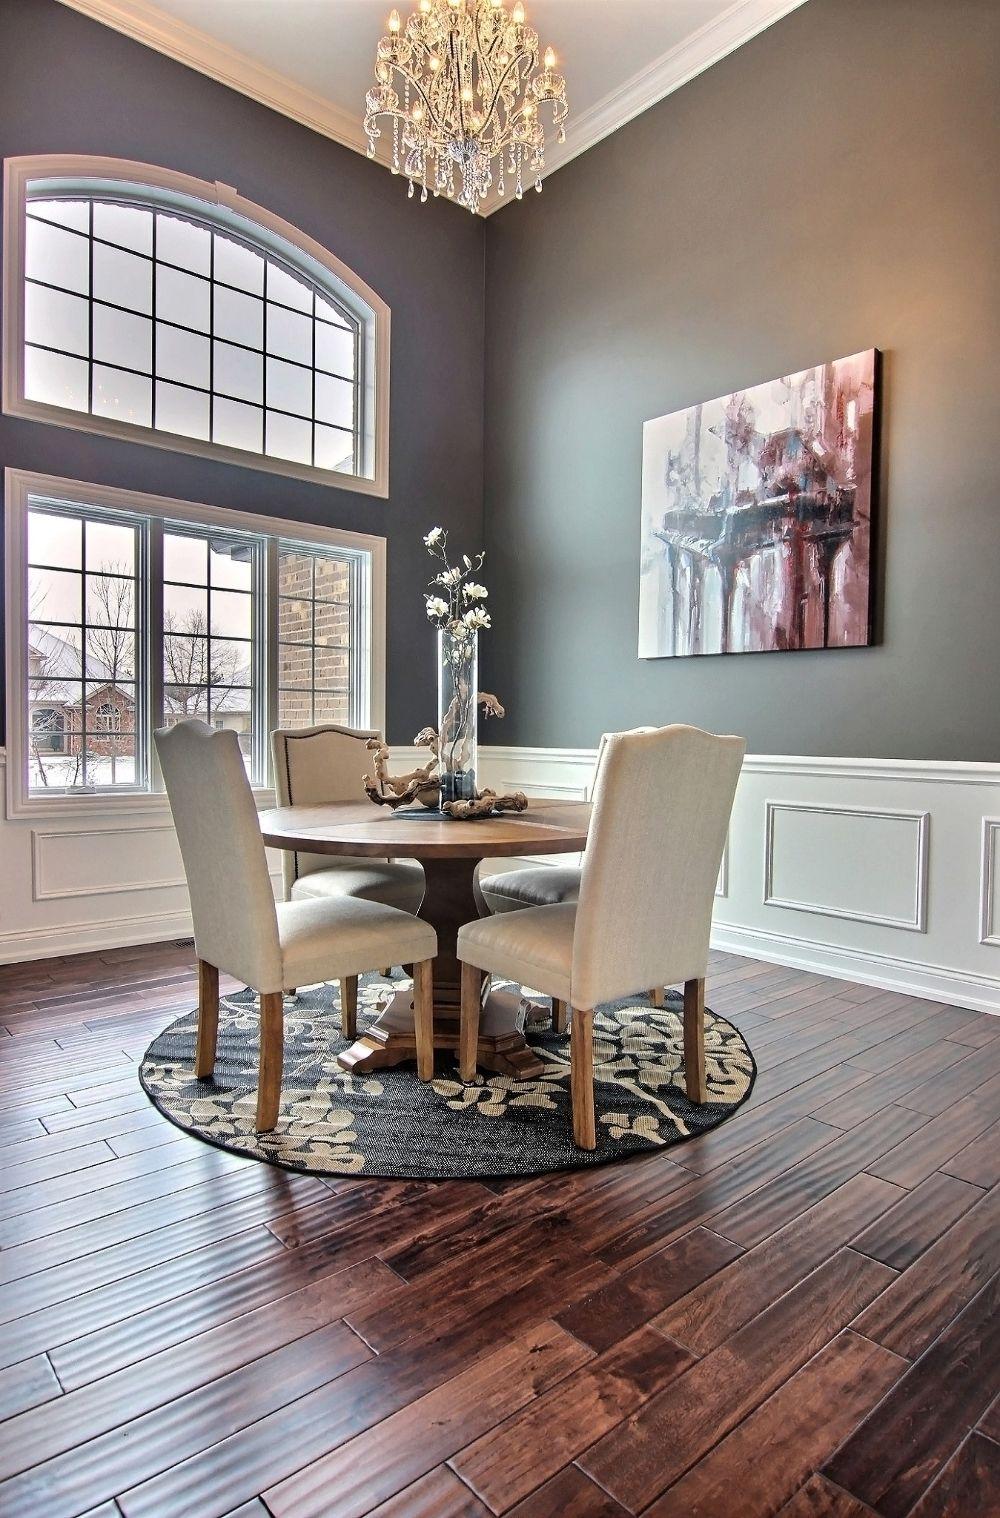 Formal Dining Room With Crystal Chandelier Met Afbeeldingen